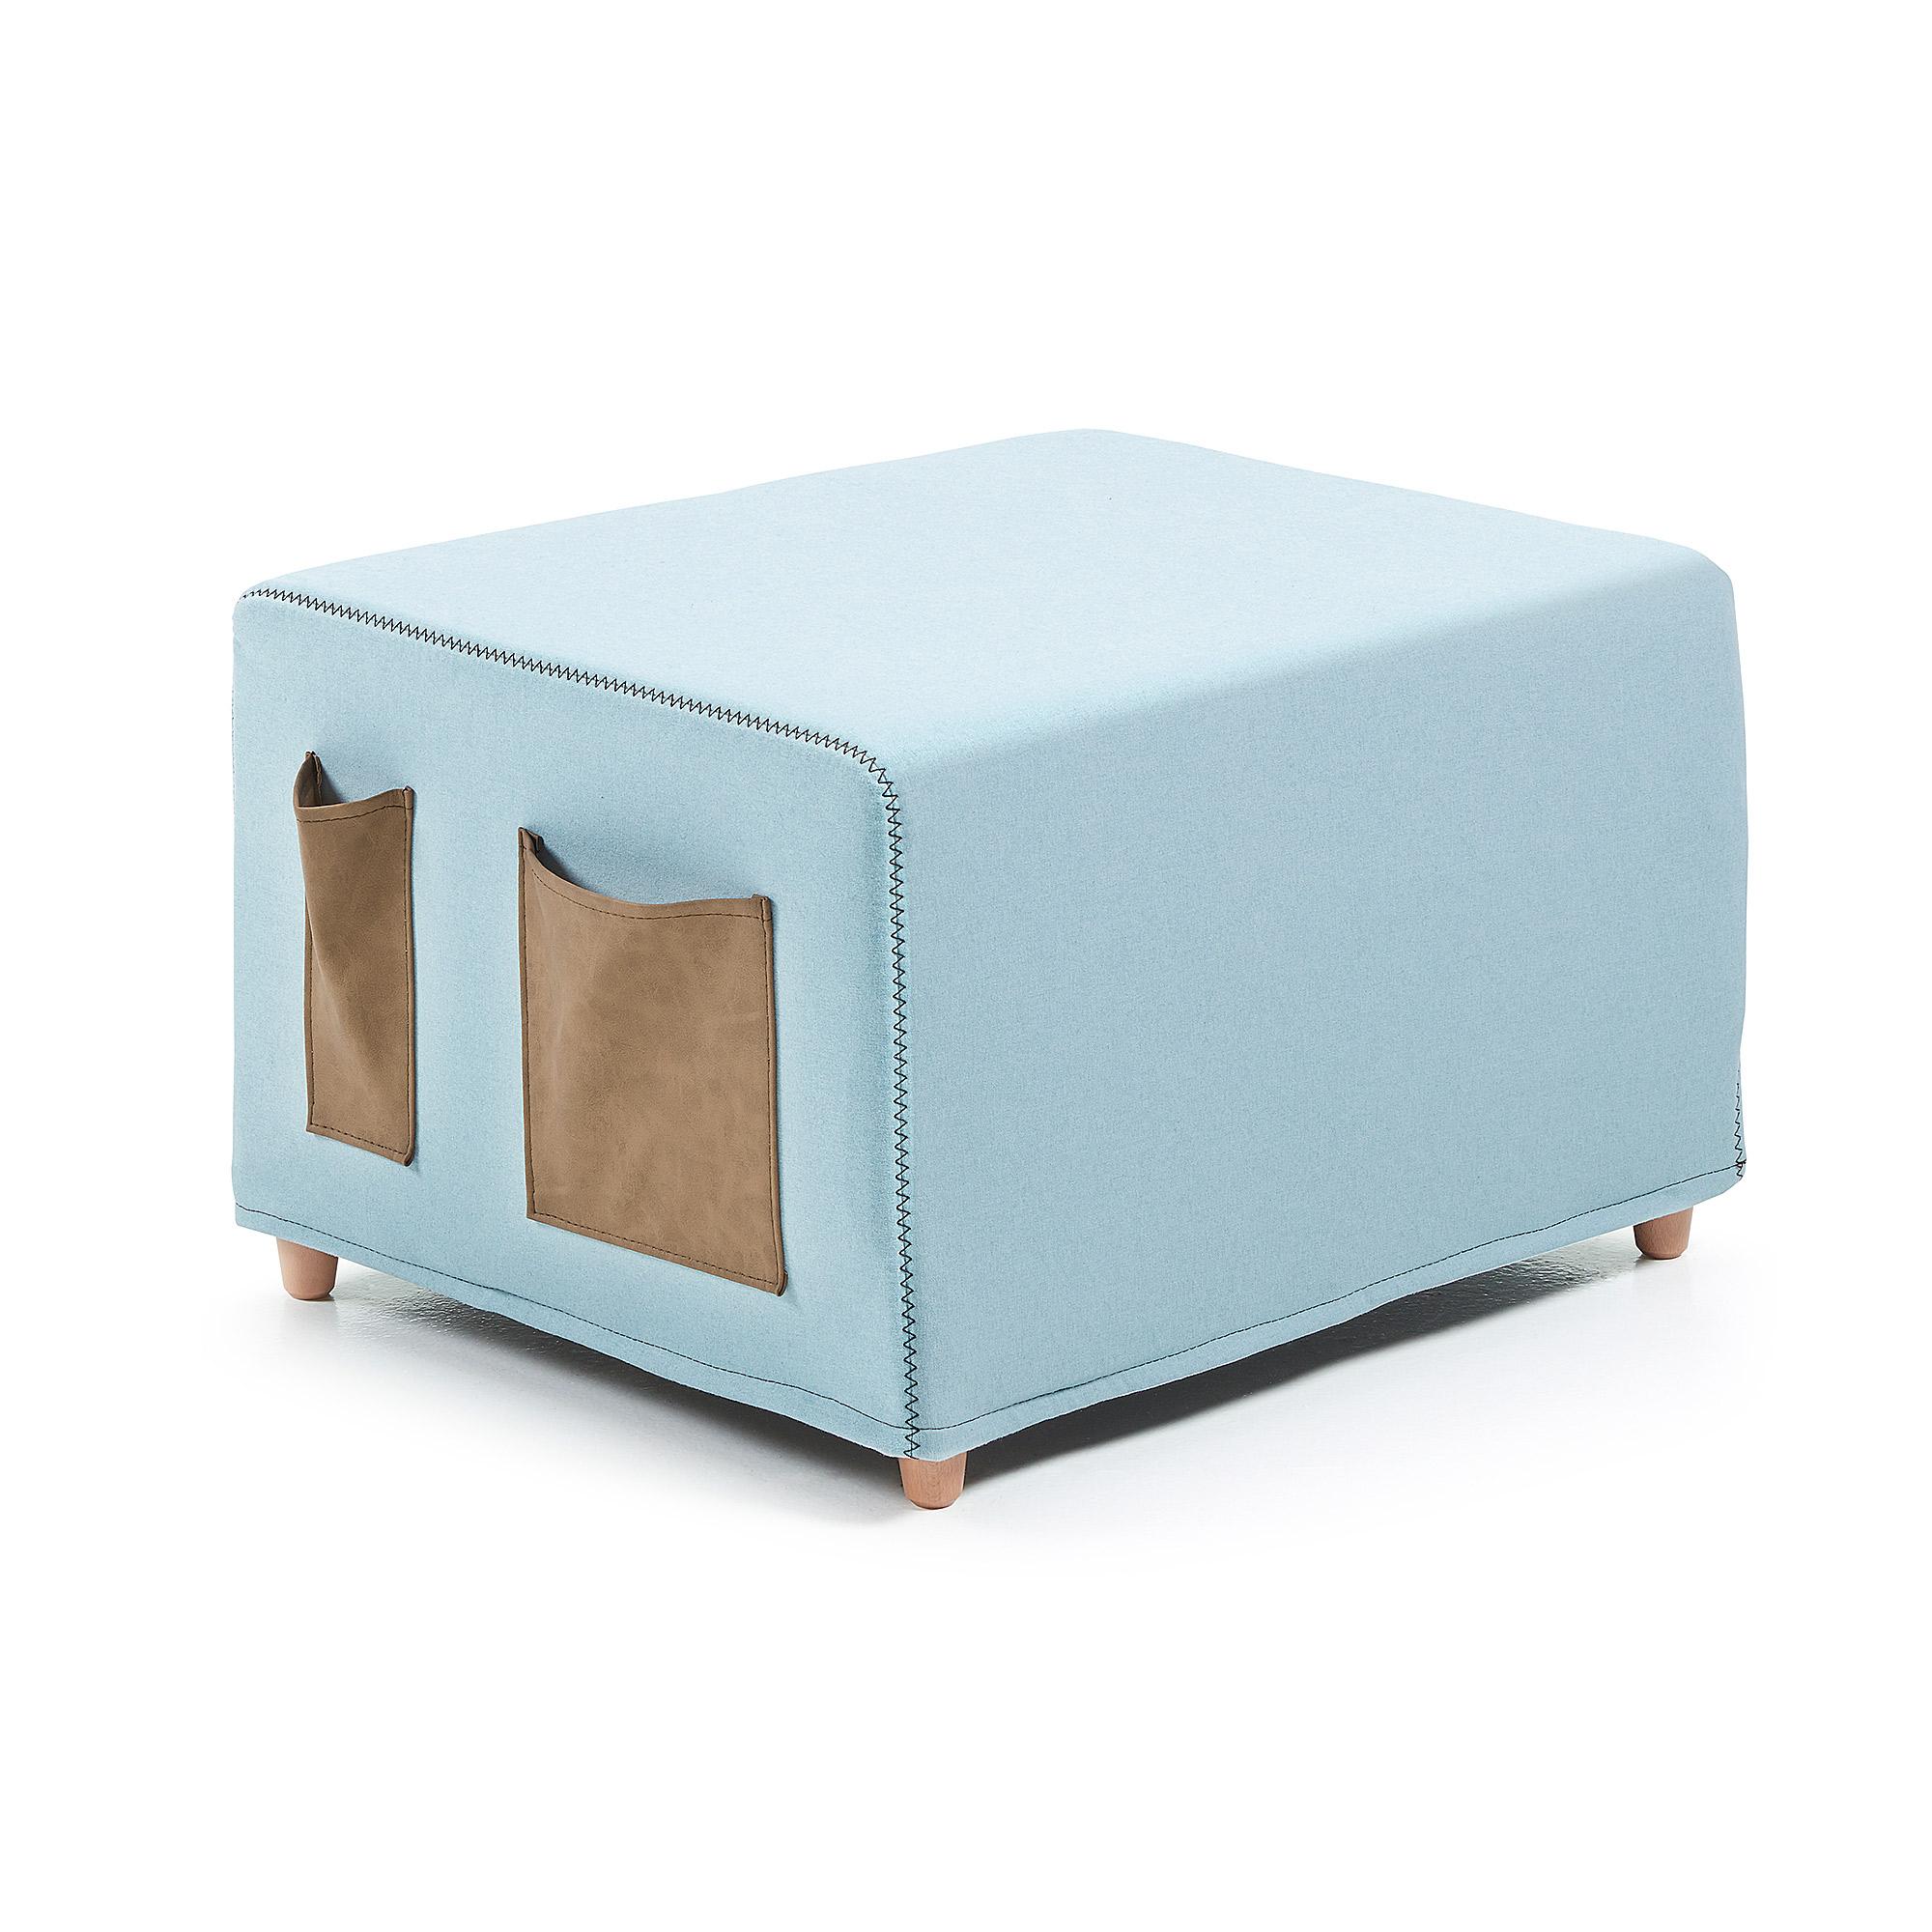 Kave Home poef/vouwbed 'Kos', kleur lichtblauw